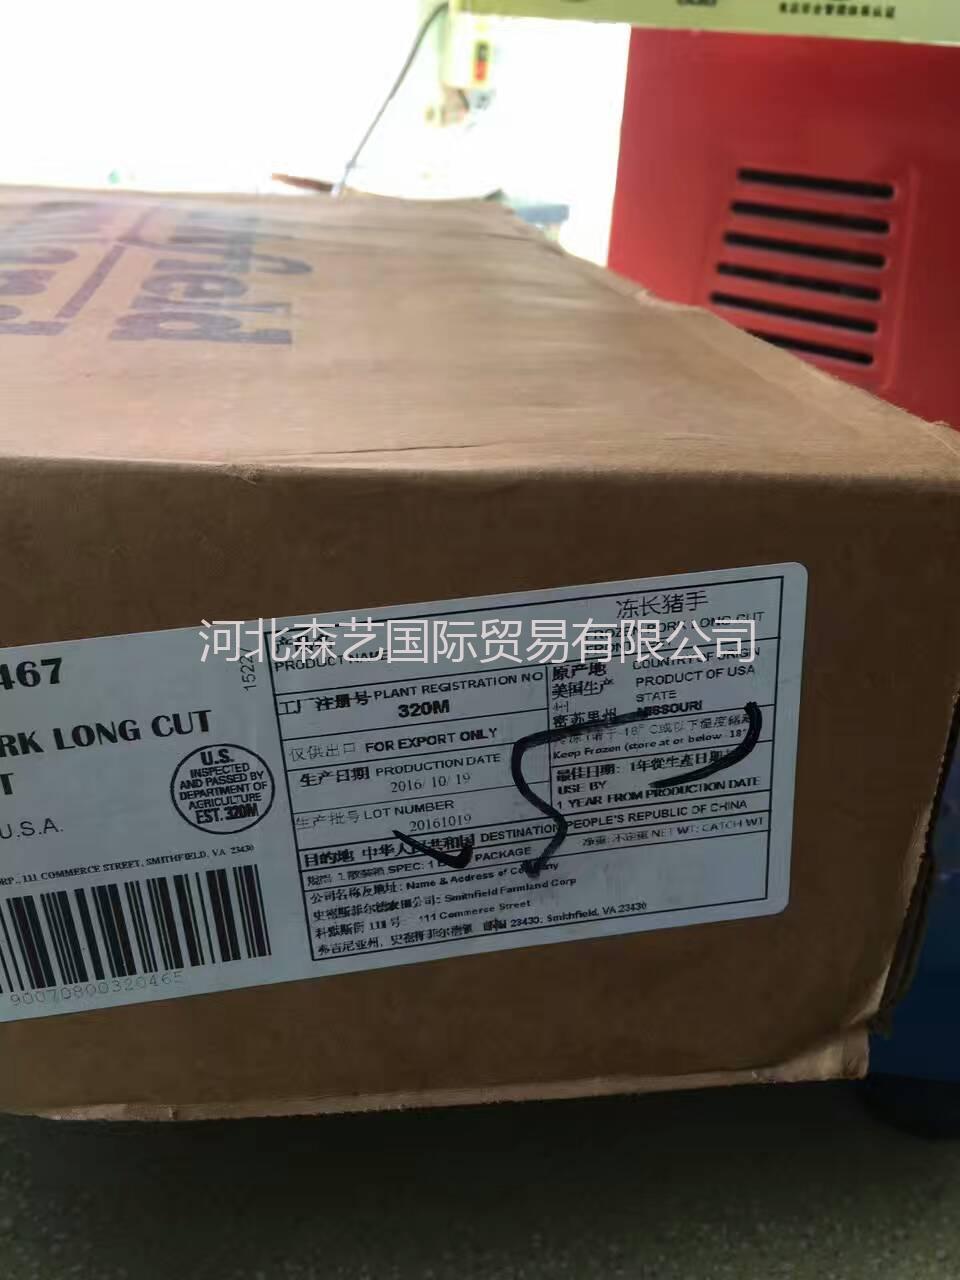 供应 进口猪手 冷冻猪手 美国320M厂猪手 出成率高 货源充足